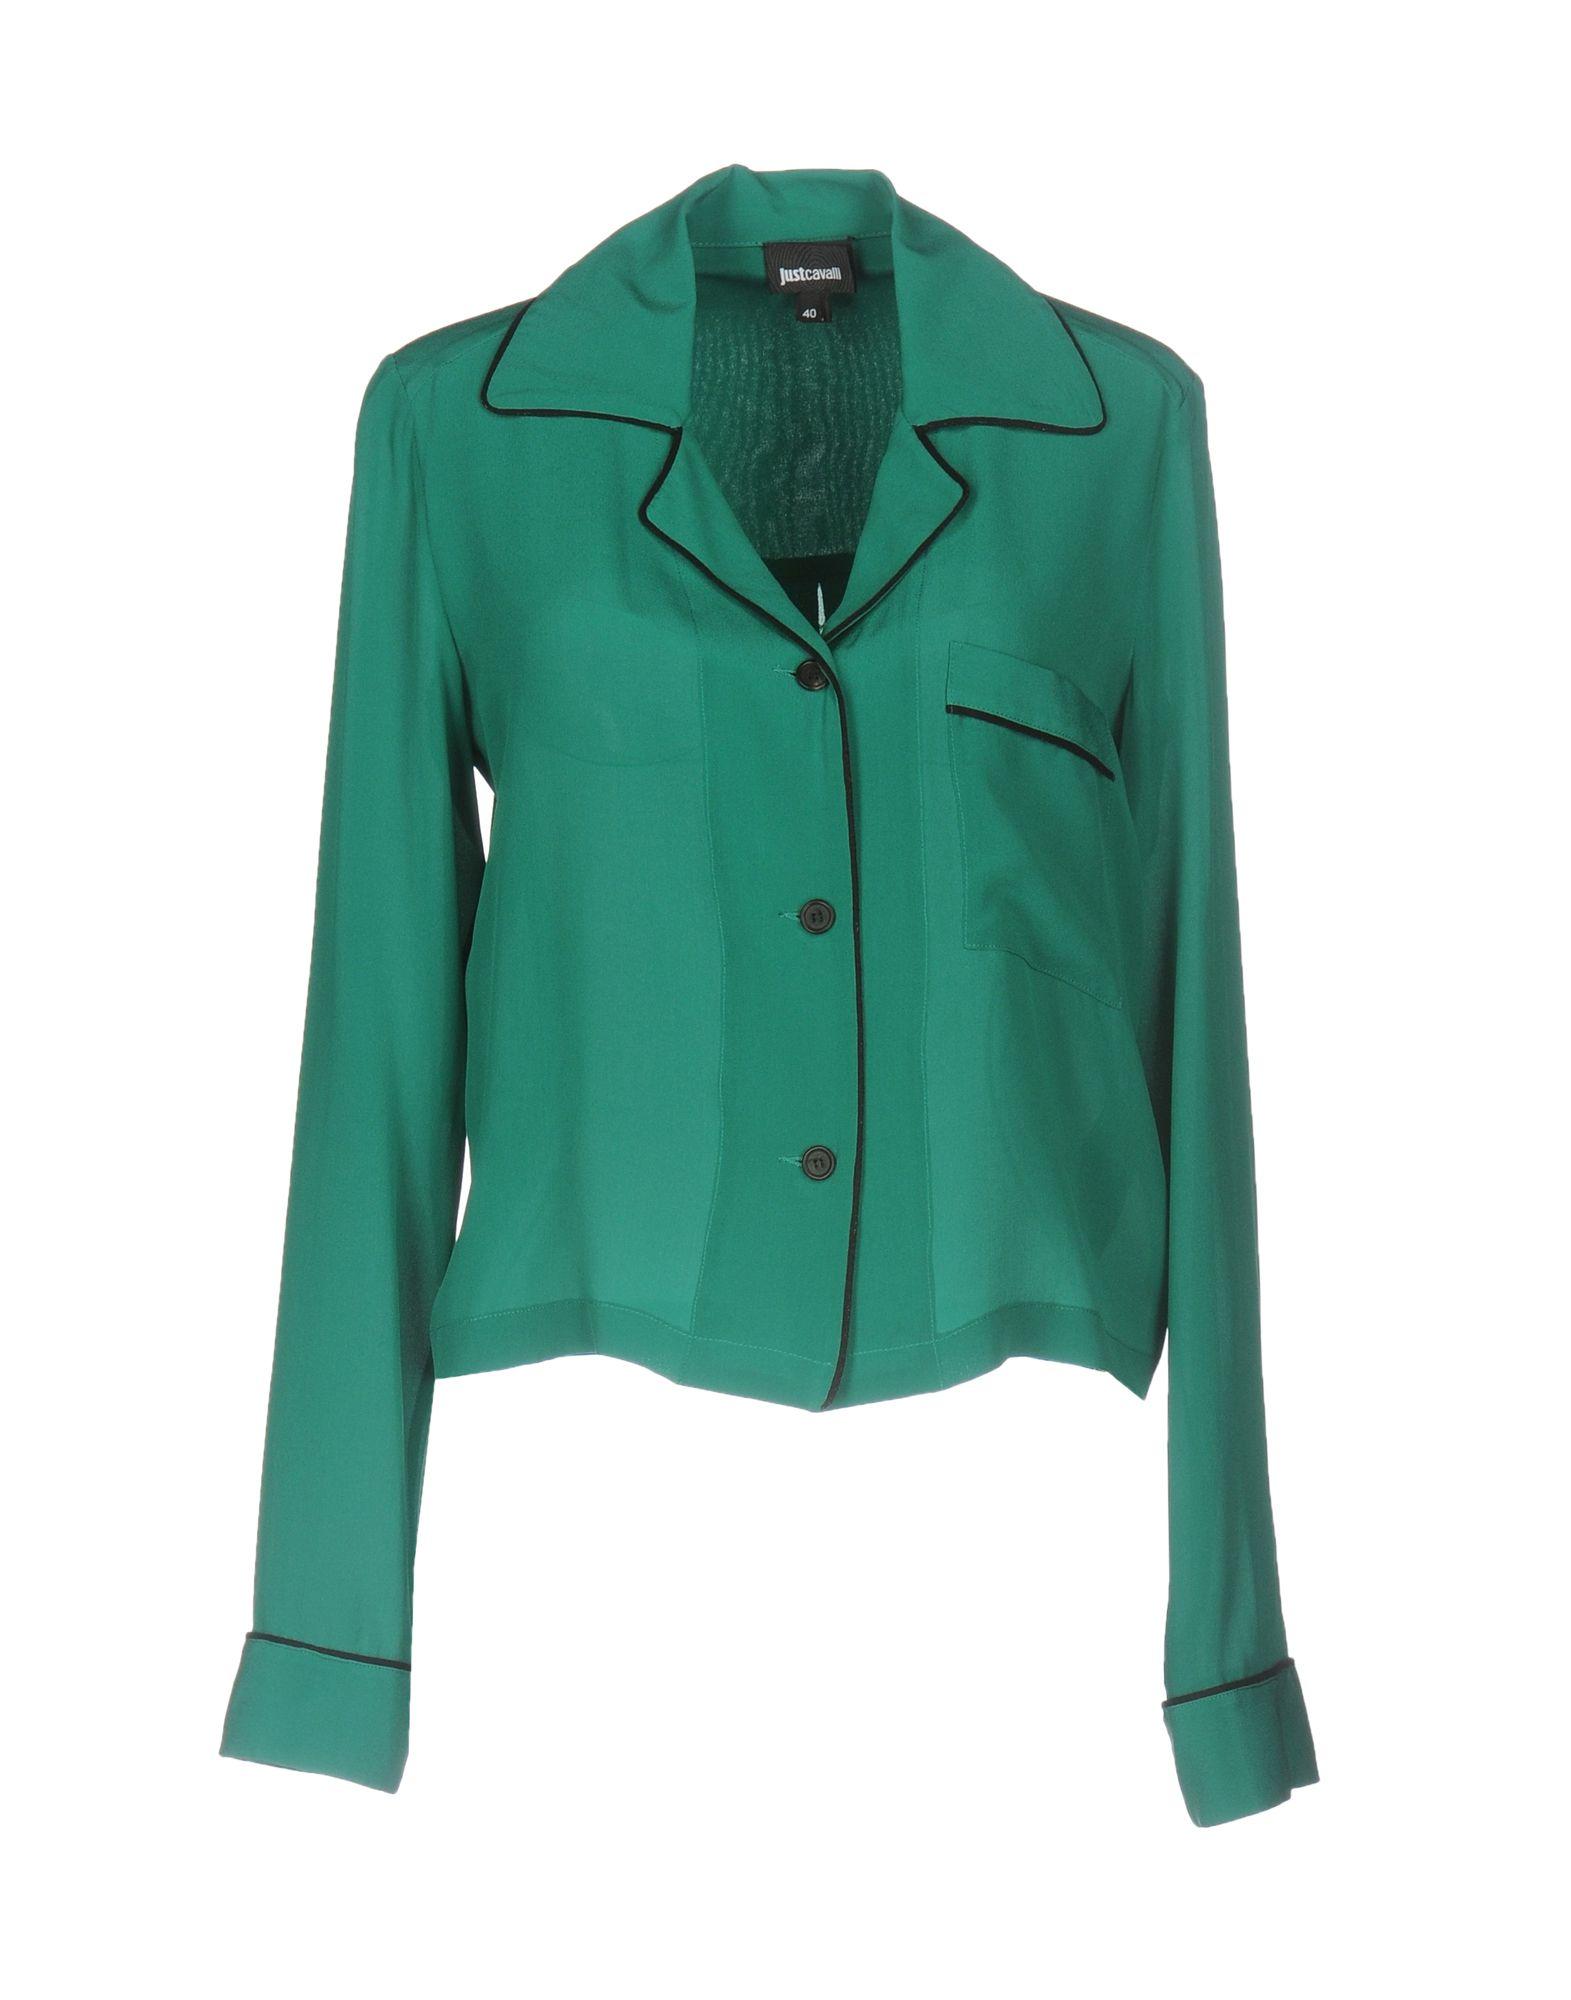 JUST CAVALLI Damen Hemd Farbe Grün Größe 3 - broschei